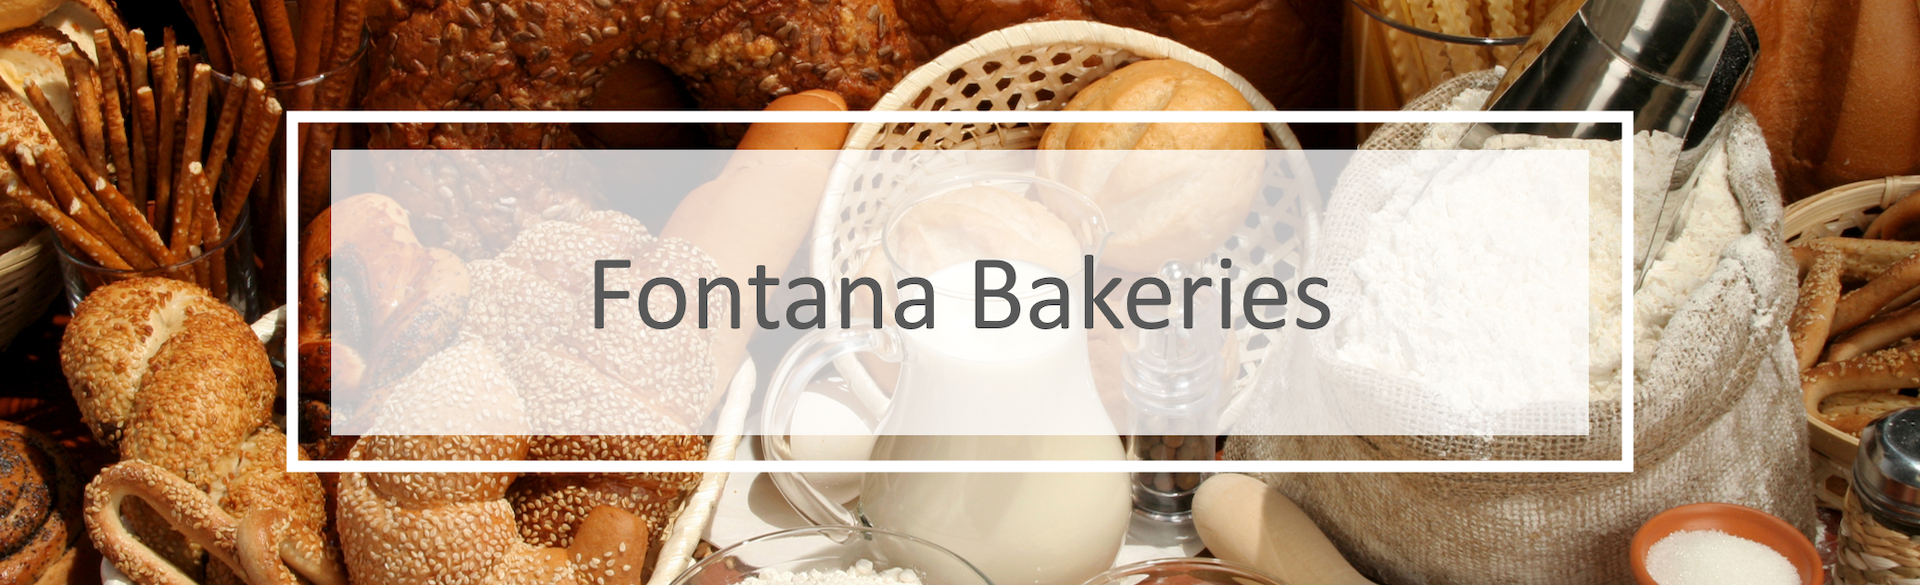 MC Fontana Bakeries